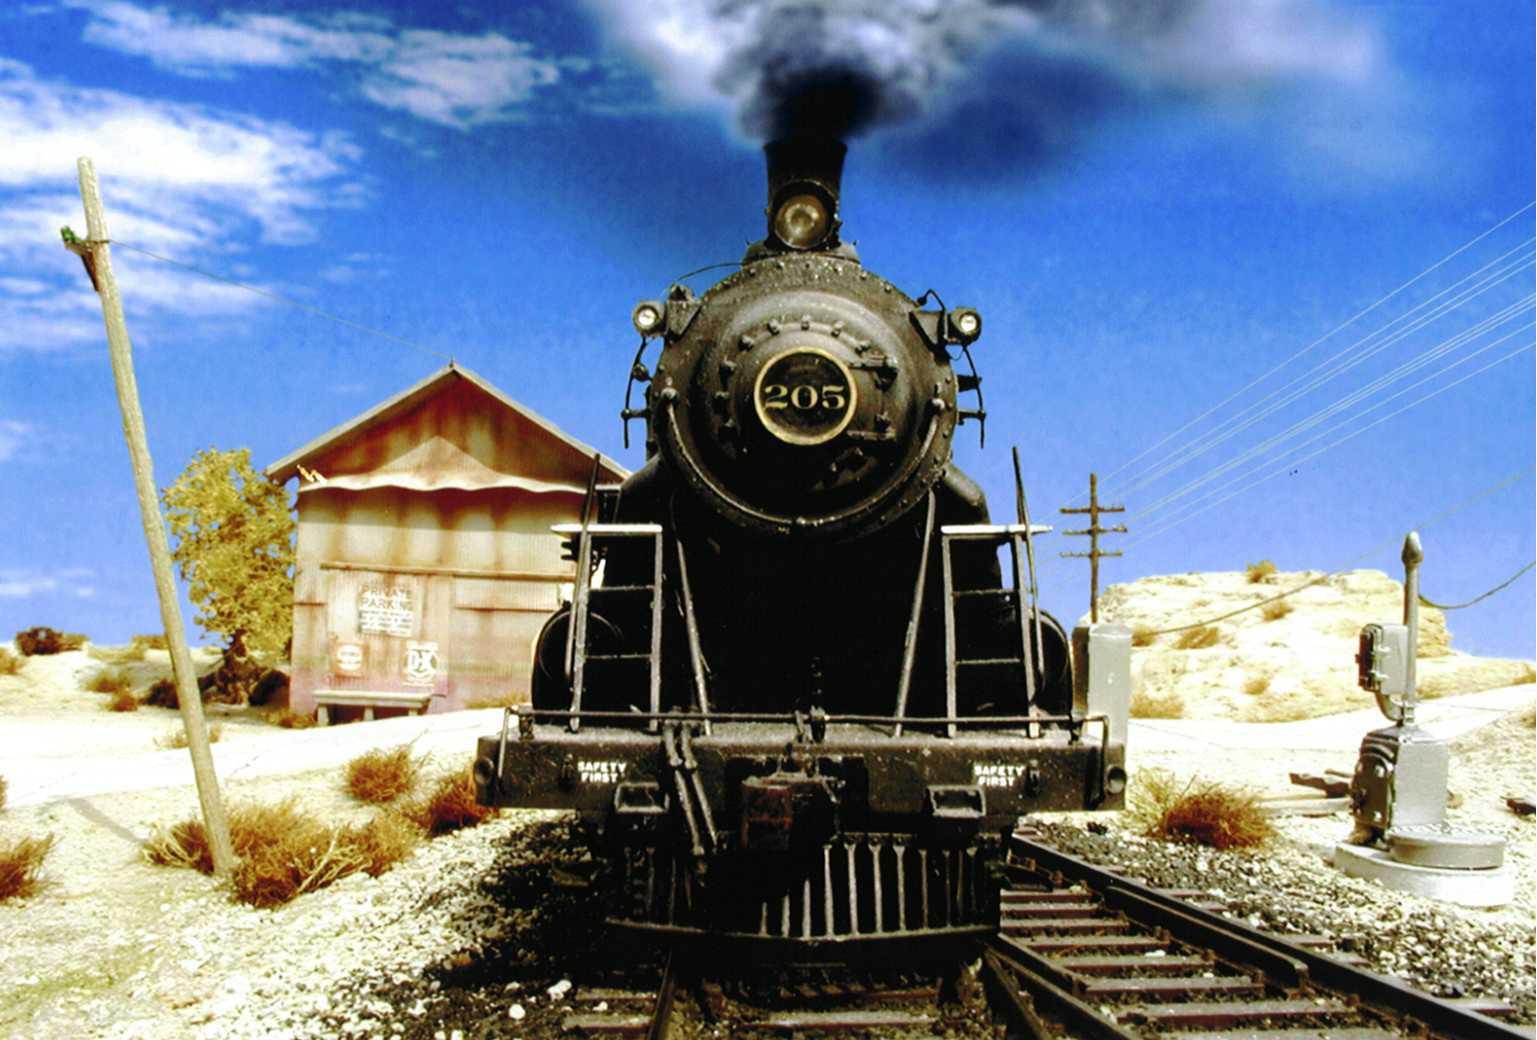 Steam engine train invented